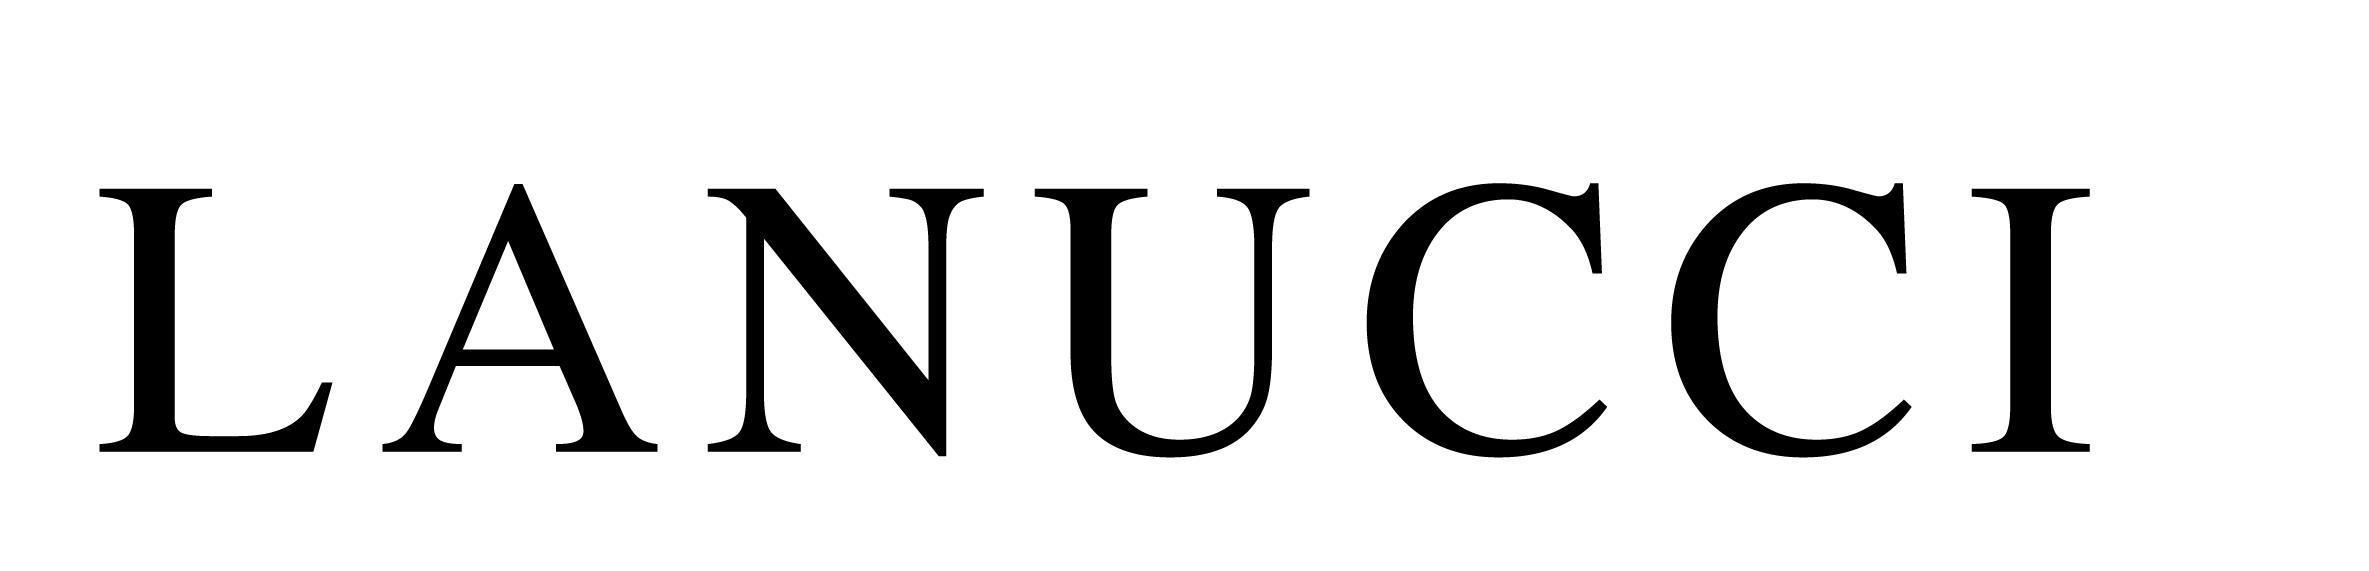 Lanucci.ru